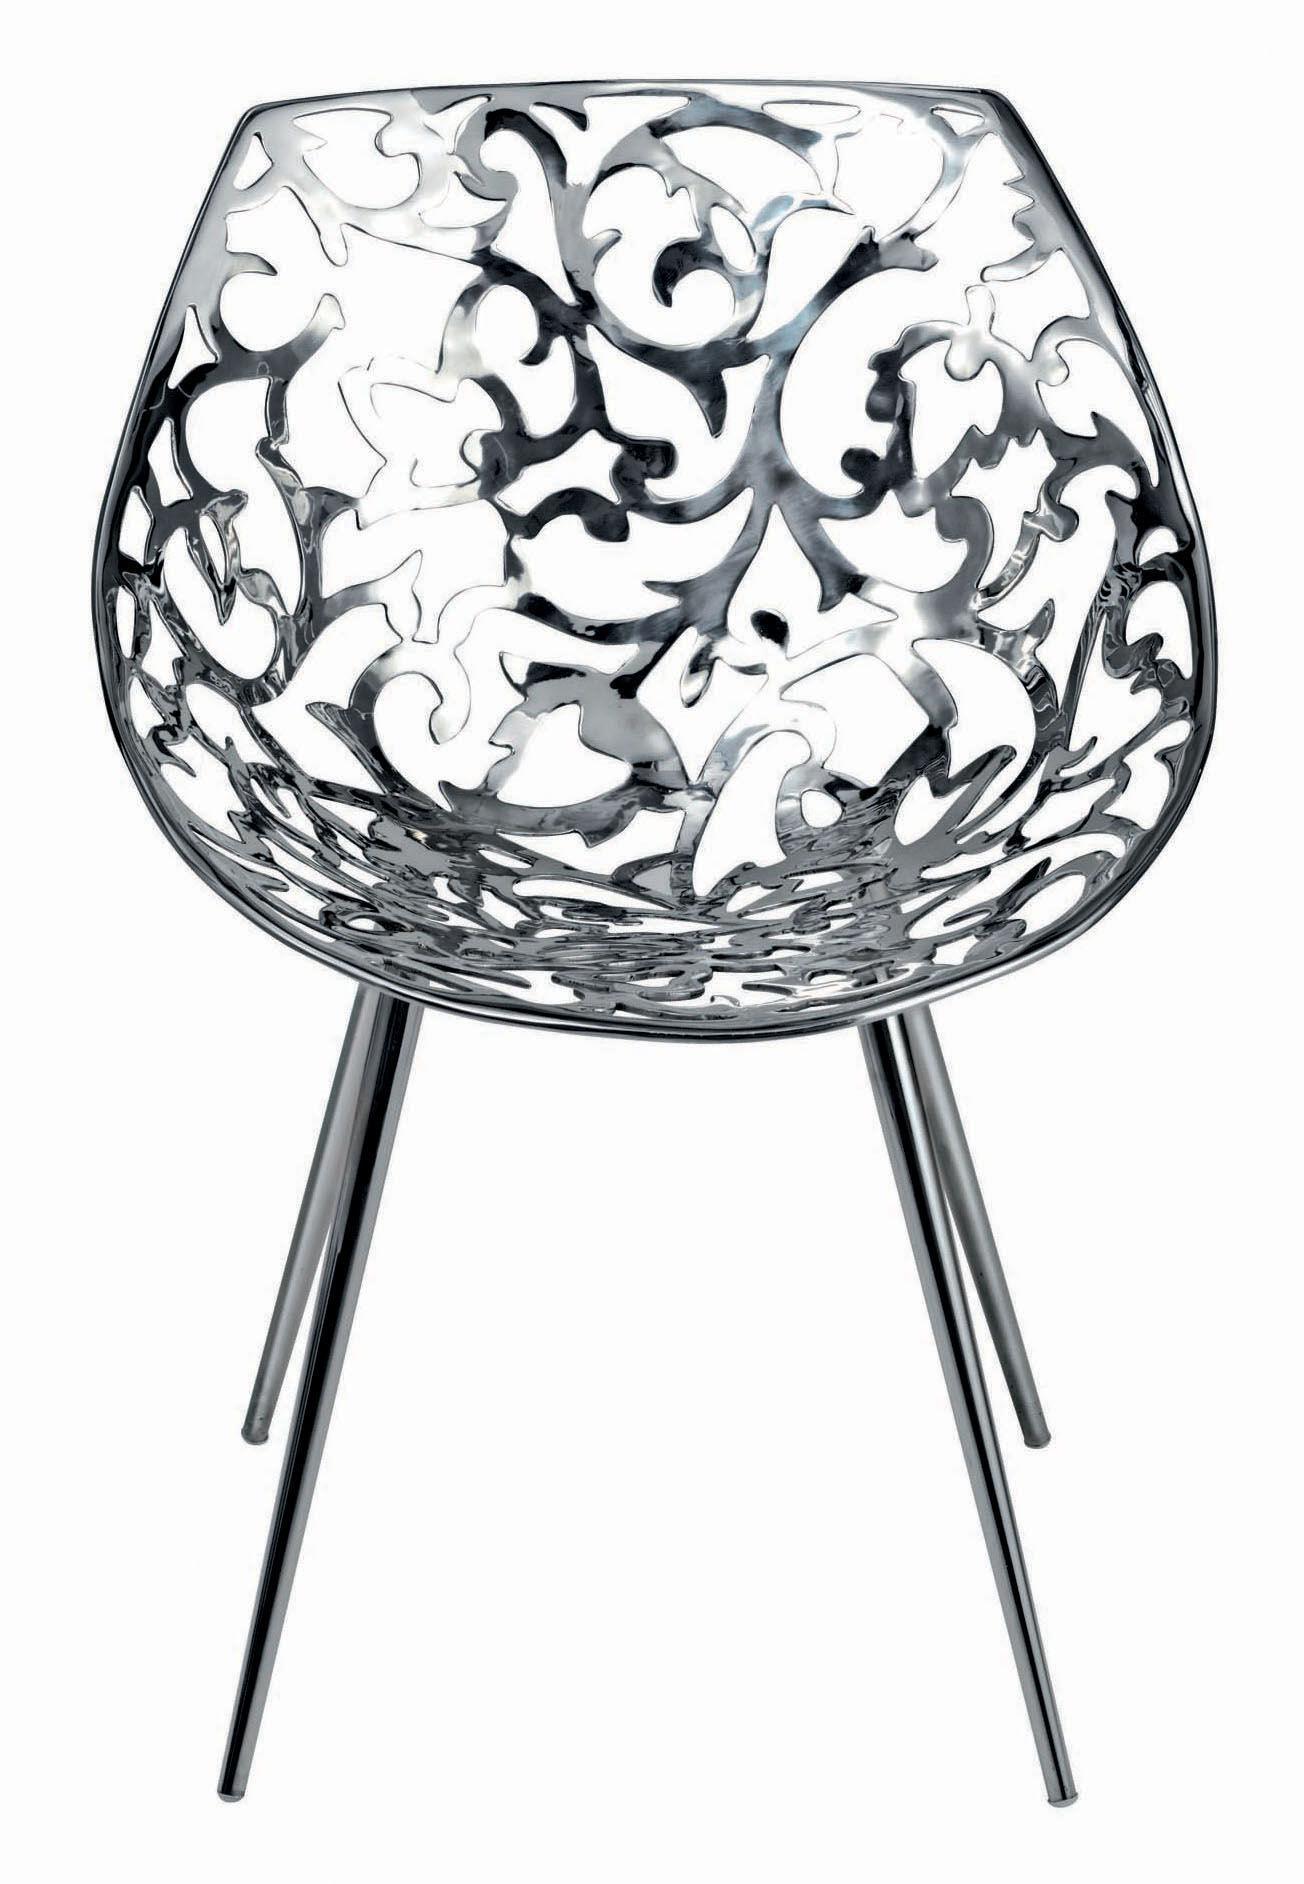 Mobilier - Chaises, fauteuils de salle à manger - Fauteuil Miss Lacy / Acier poli - Driade - Acier - Acier poli